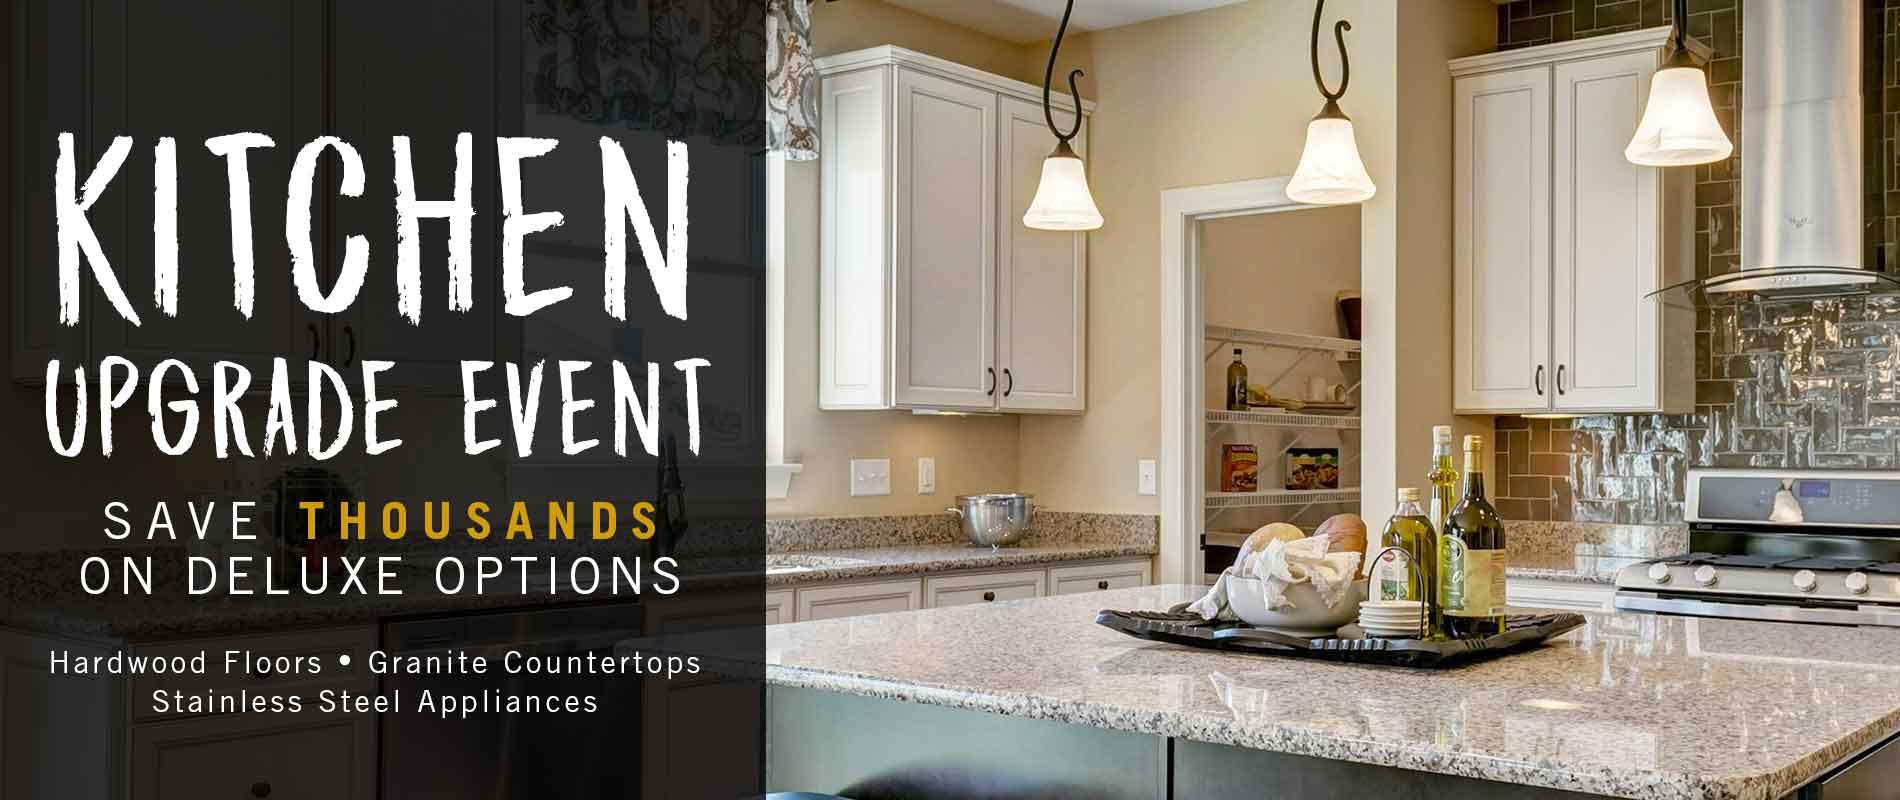 Kitchen Upgrade Kitchen Upgrade Event Consort Homes